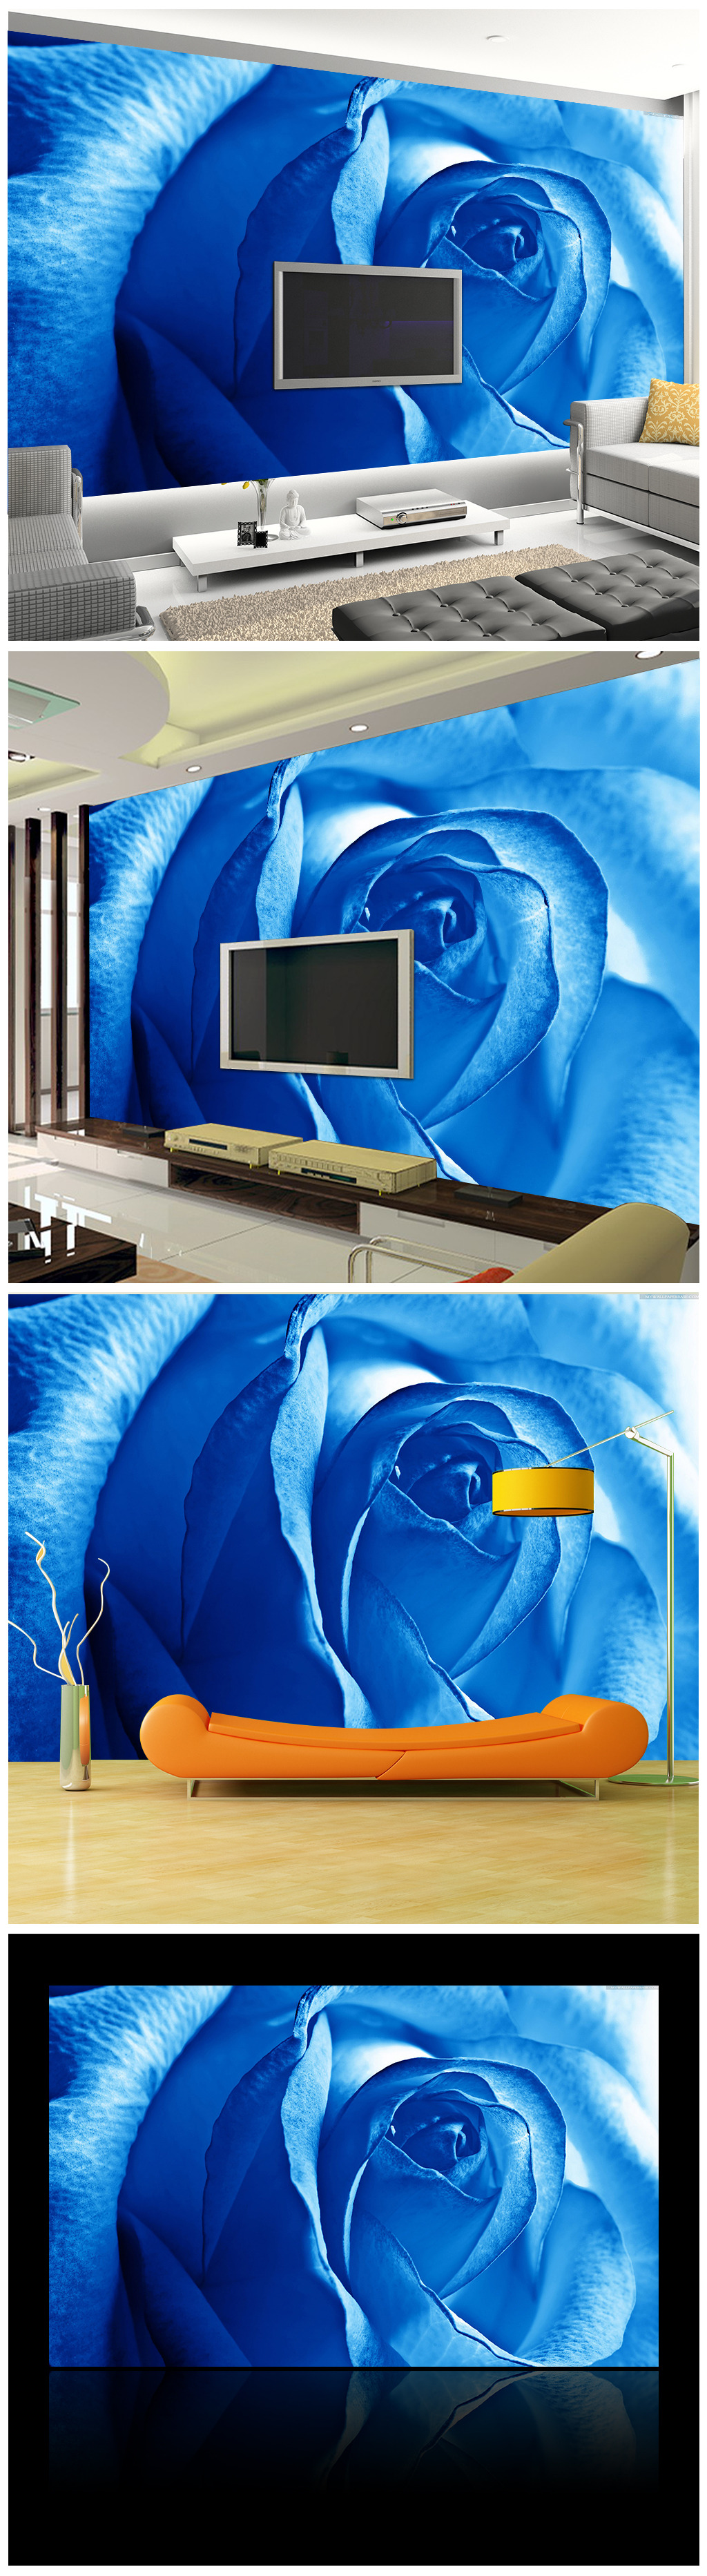 背景墙 客厅 蓝色妖姬/[版权图片]蓝色妖姬客厅背景墙